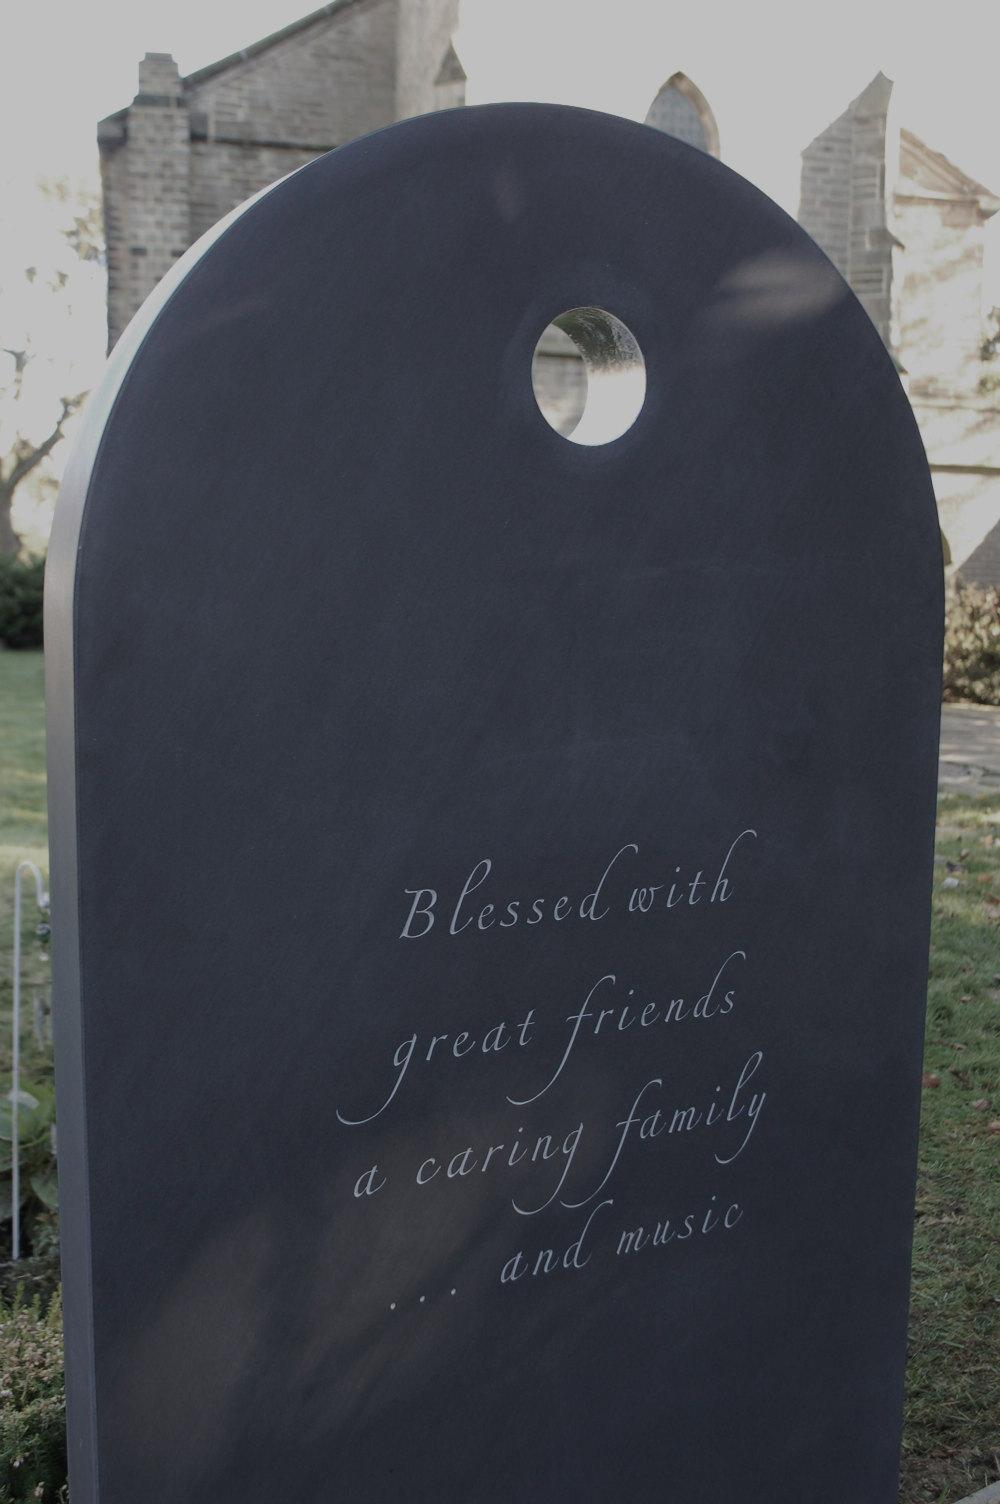 beautifui epitaph